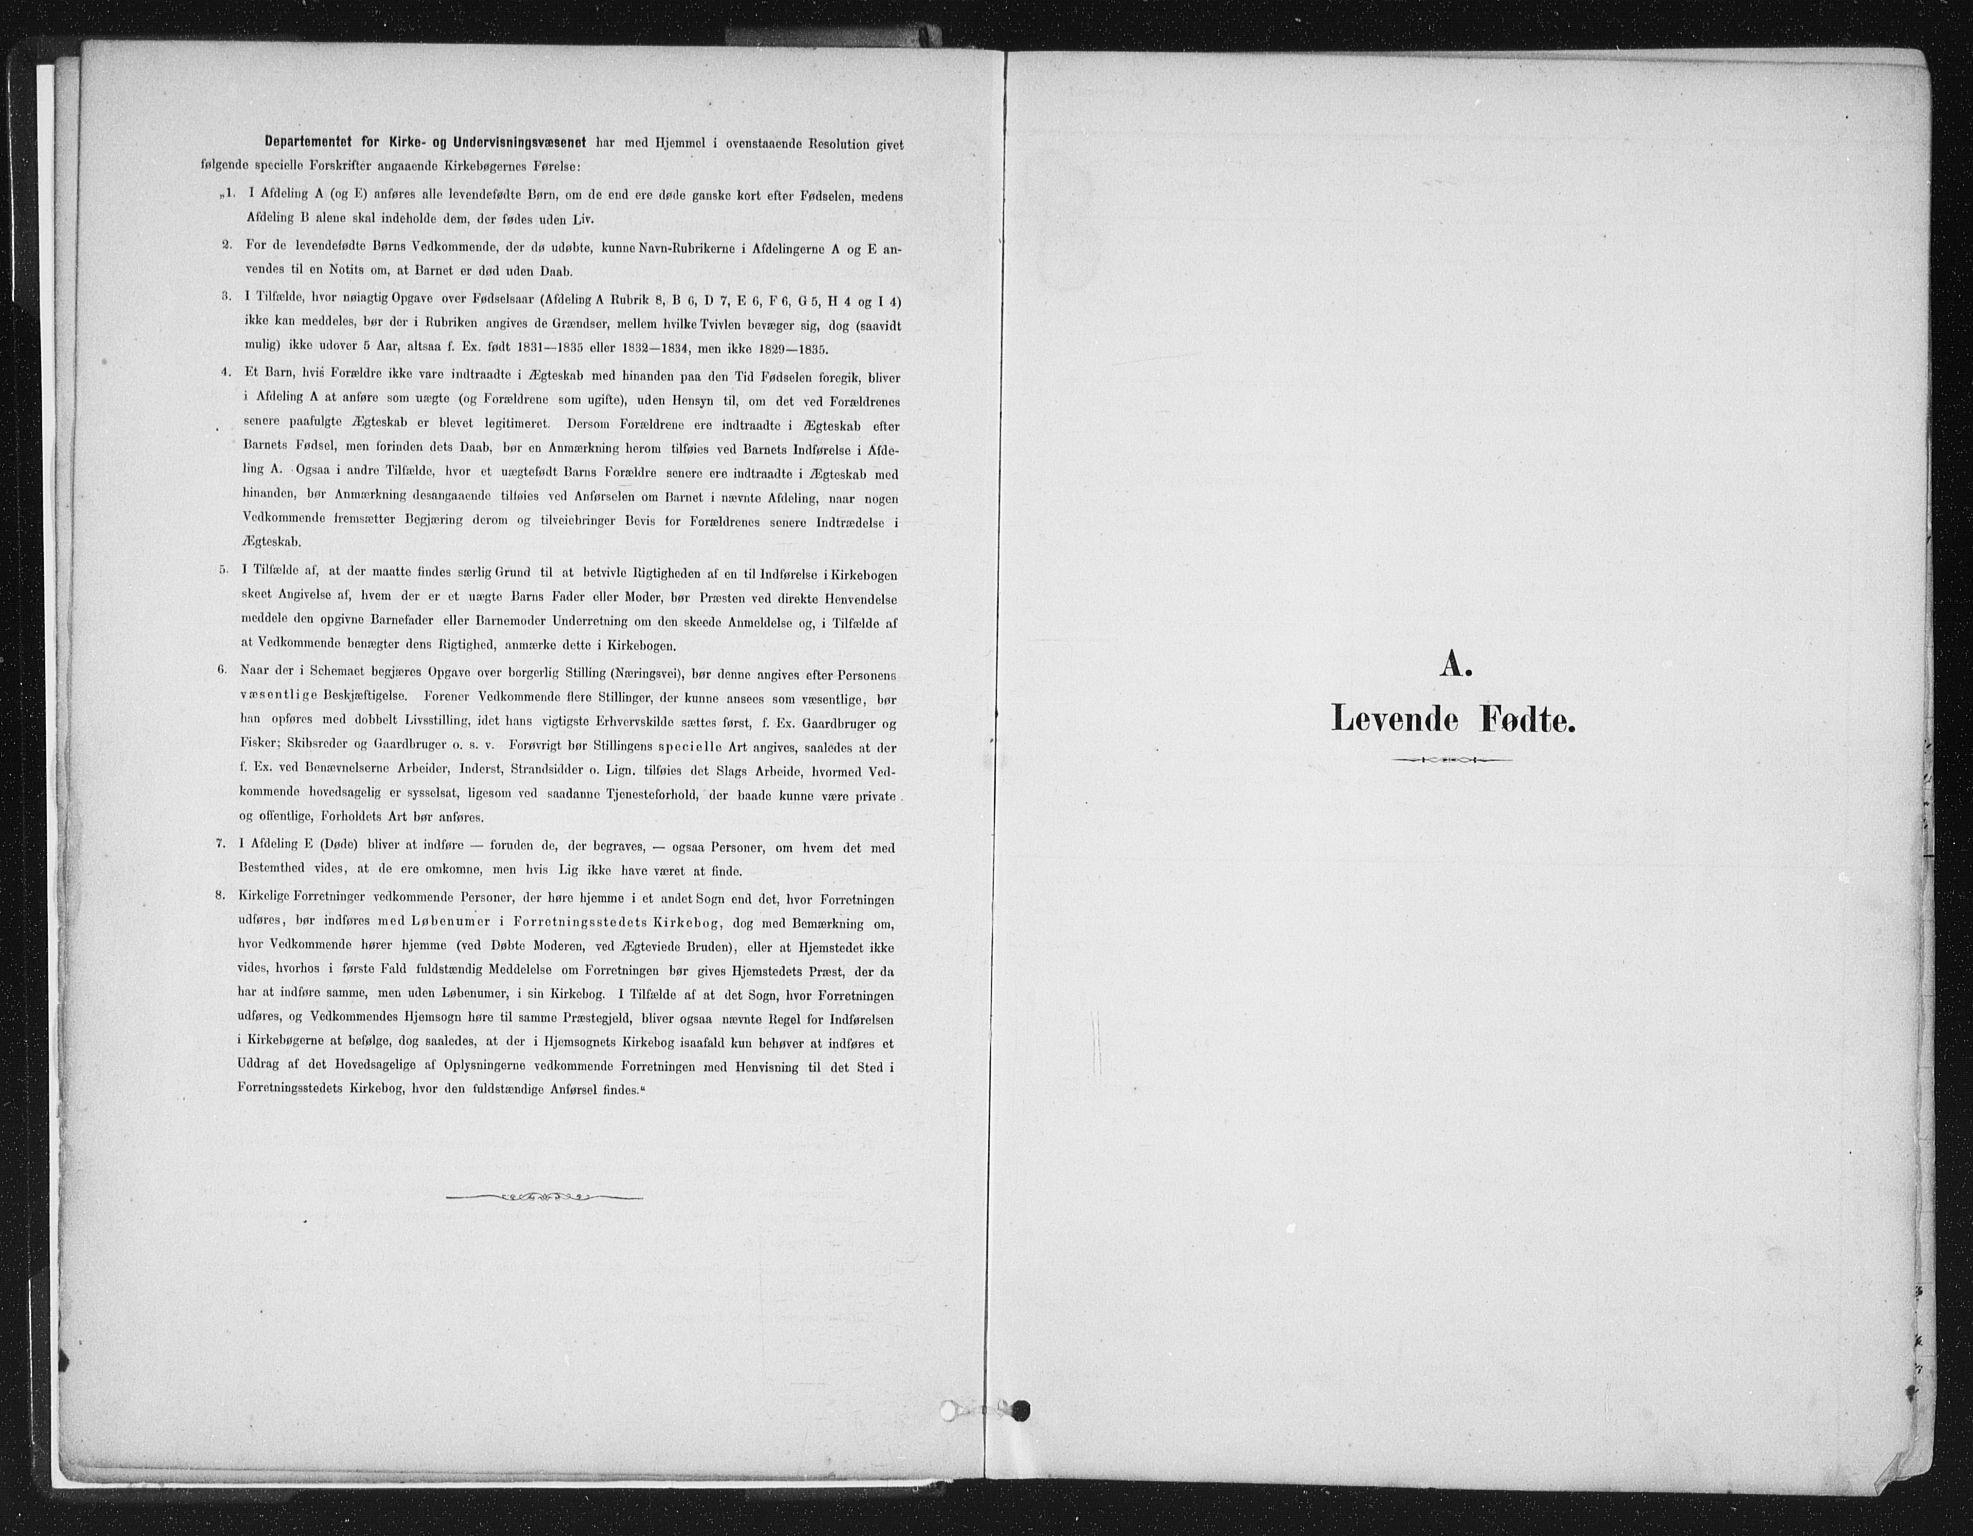 SAT, Ministerialprotokoller, klokkerbøker og fødselsregistre - Sør-Trøndelag, 659/L0739: Ministerialbok nr. 659A09, 1879-1893